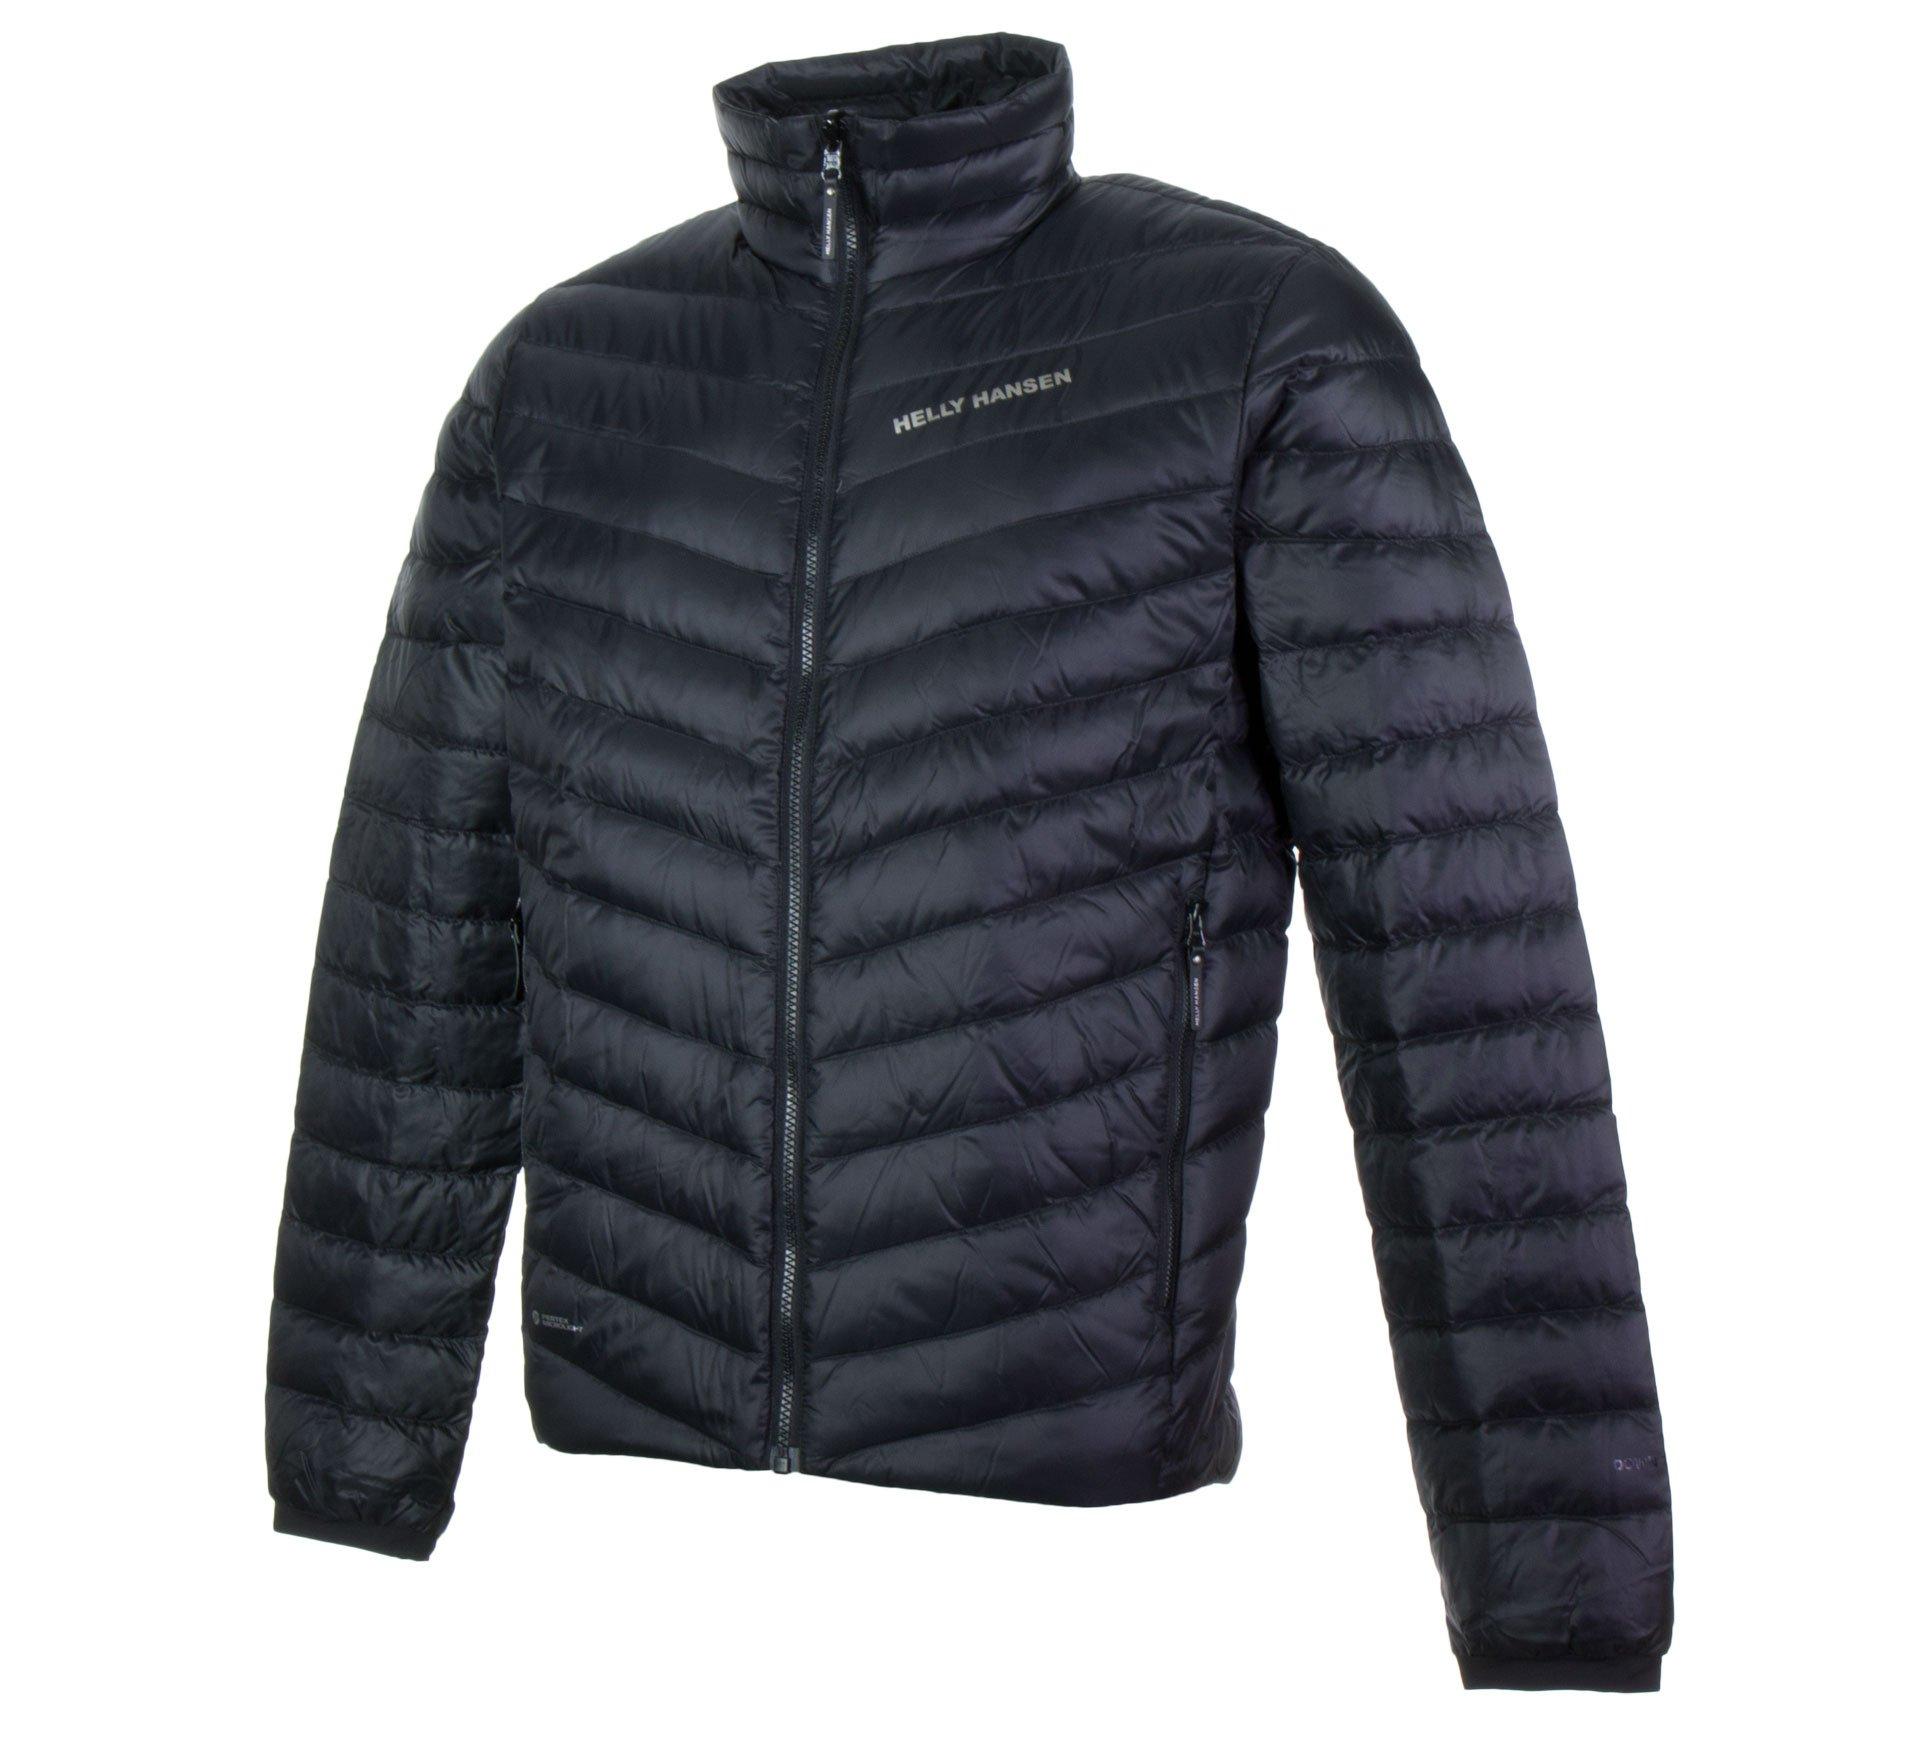 719rRxXEeCL - Helly Hansen Verglas men's down insulator jacket.